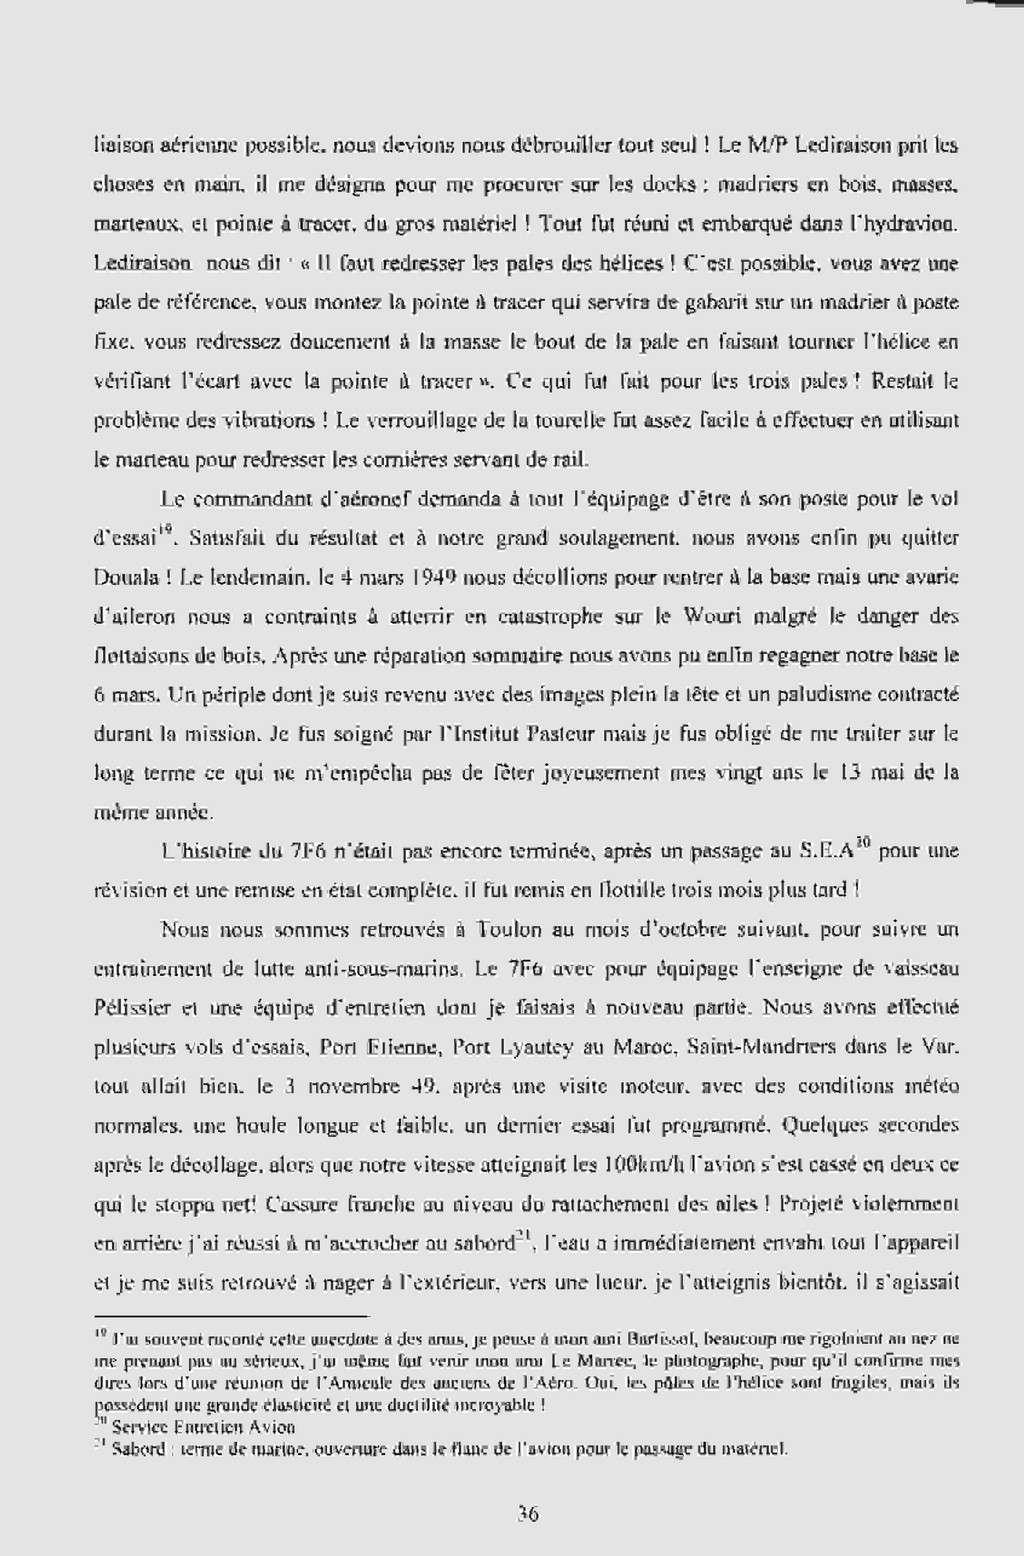 """[Les anciens avions de l'aéro] Hydravion SHORT """"SUNDERLAND"""" Dakar_10"""